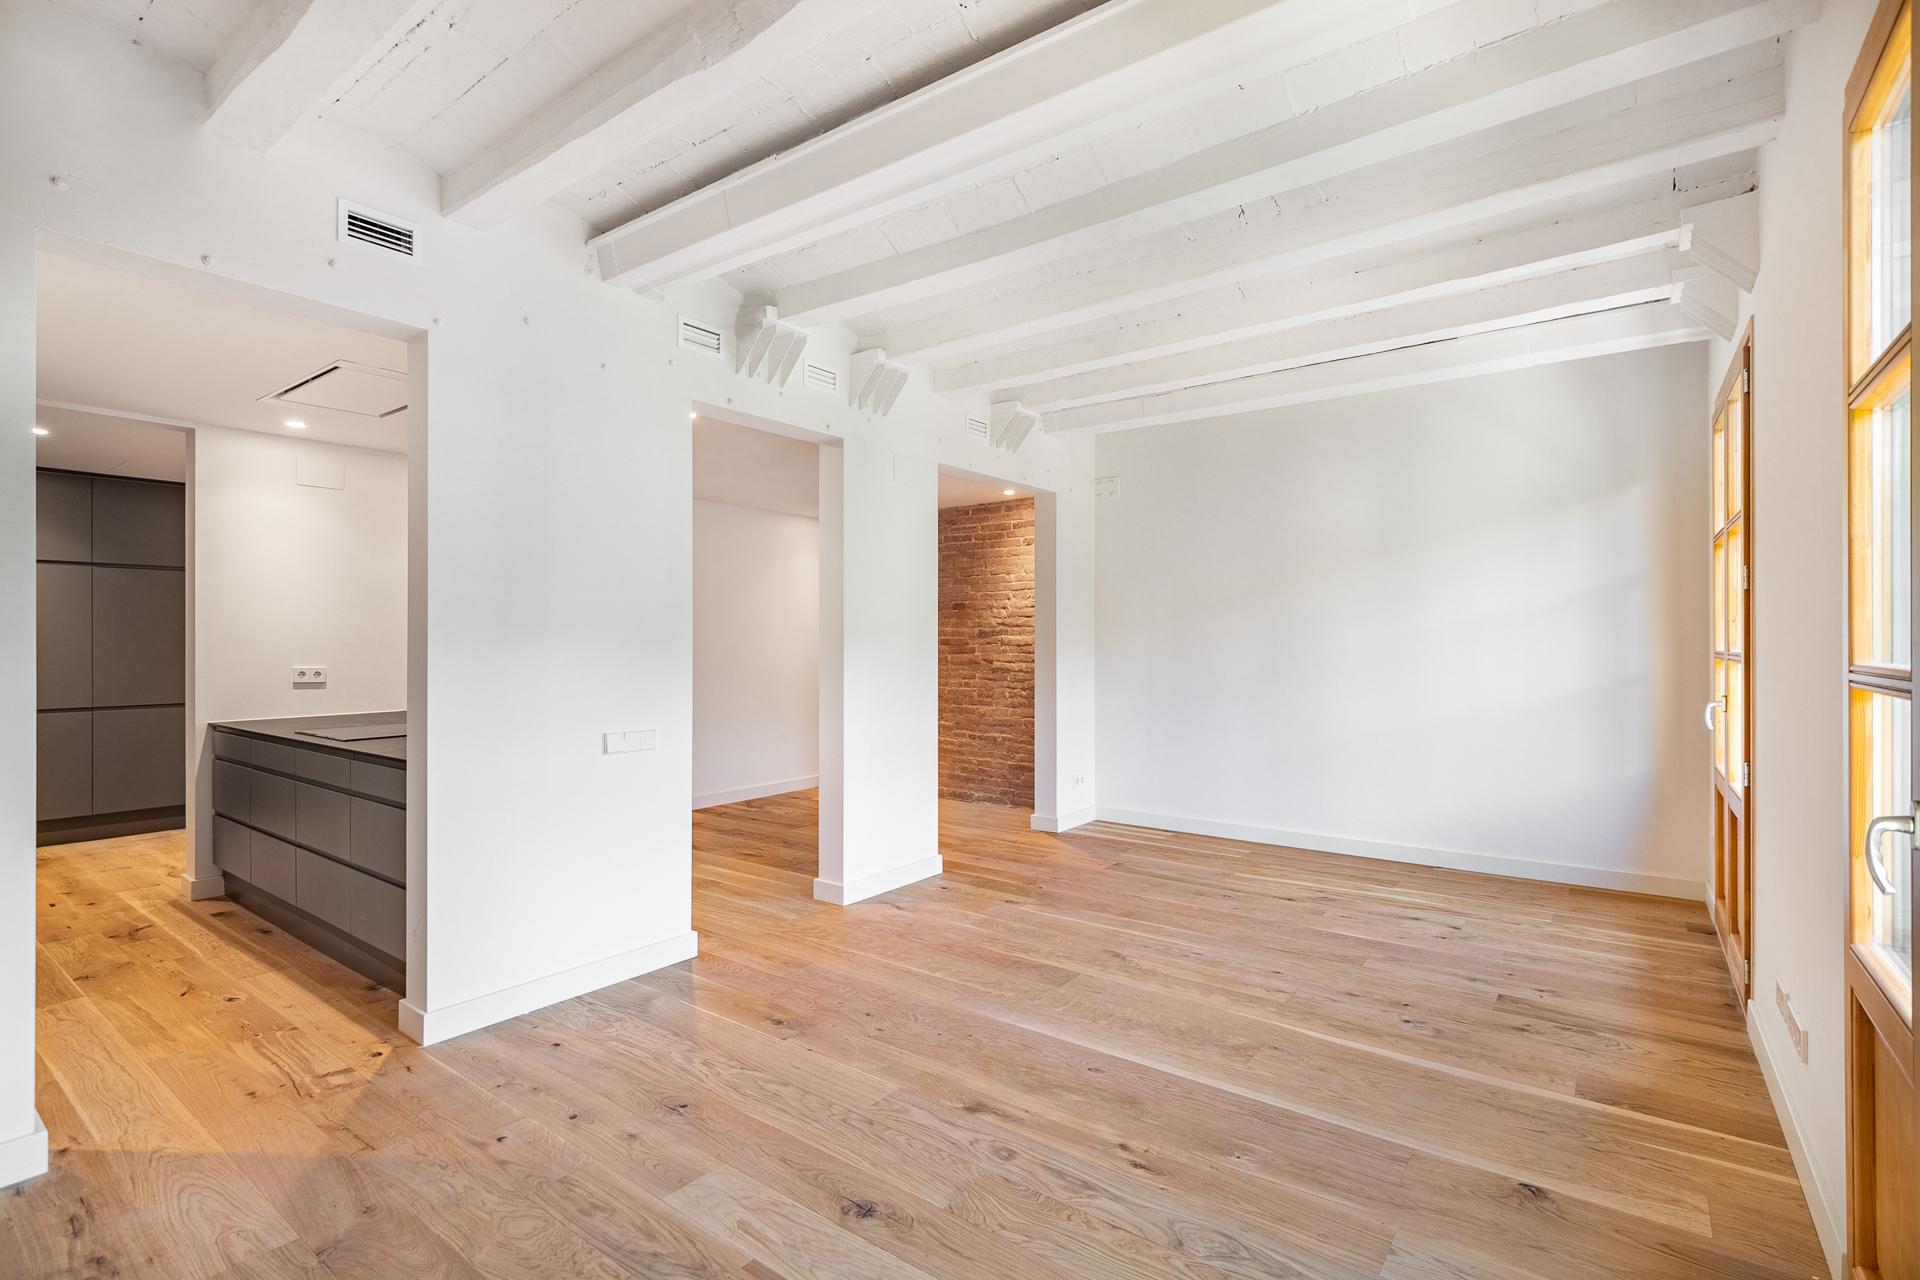 245901 Flat for sale in Ciutat Vella, St. Pere St. Caterina and La Ribera 5